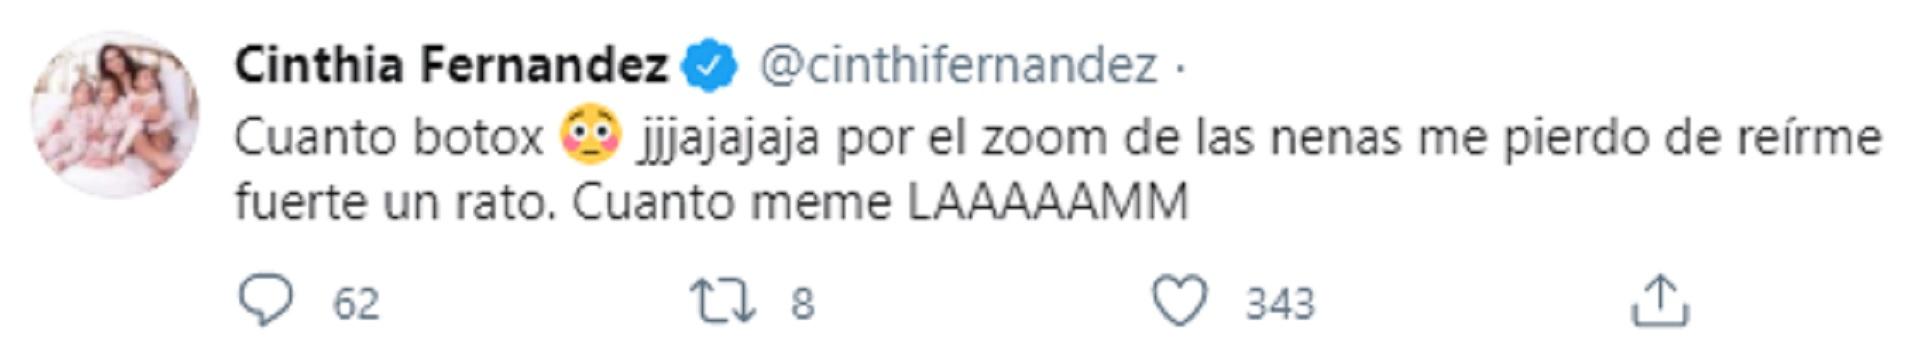 El tuit de Cinthia Fernández mientras Baclini confirmaba sus retoques en la cara